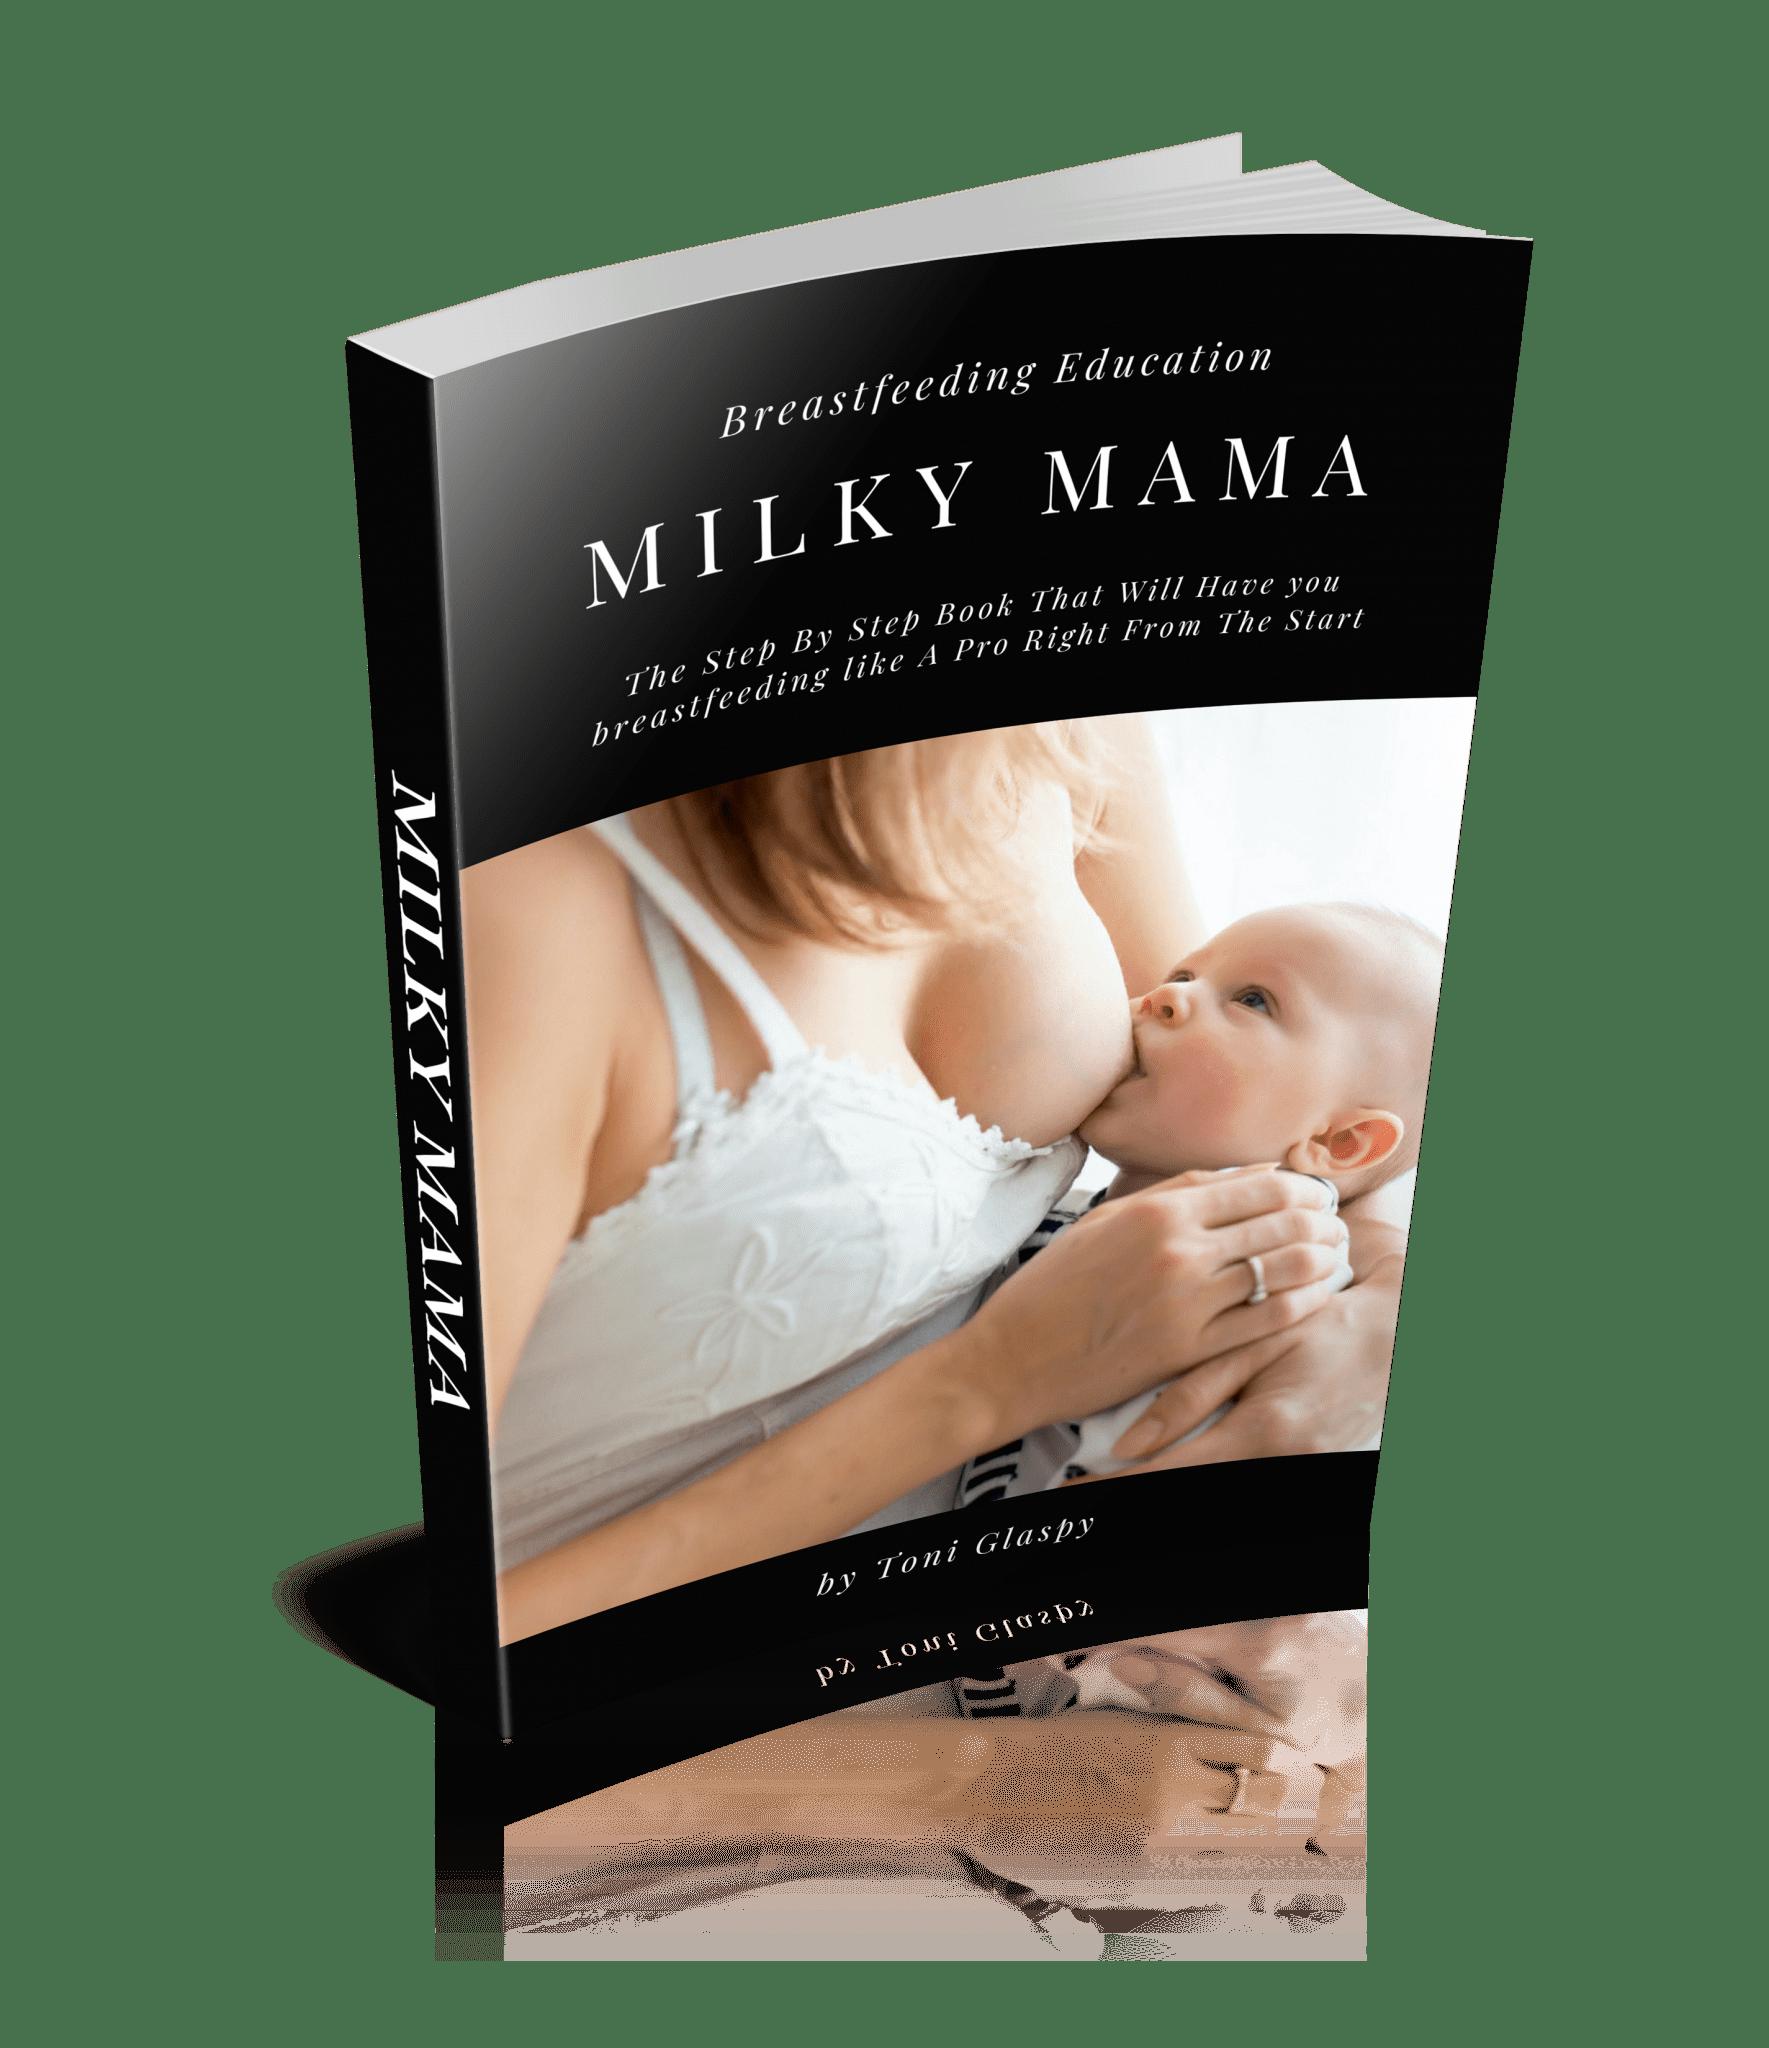 Milky Mama Breastfeeding education